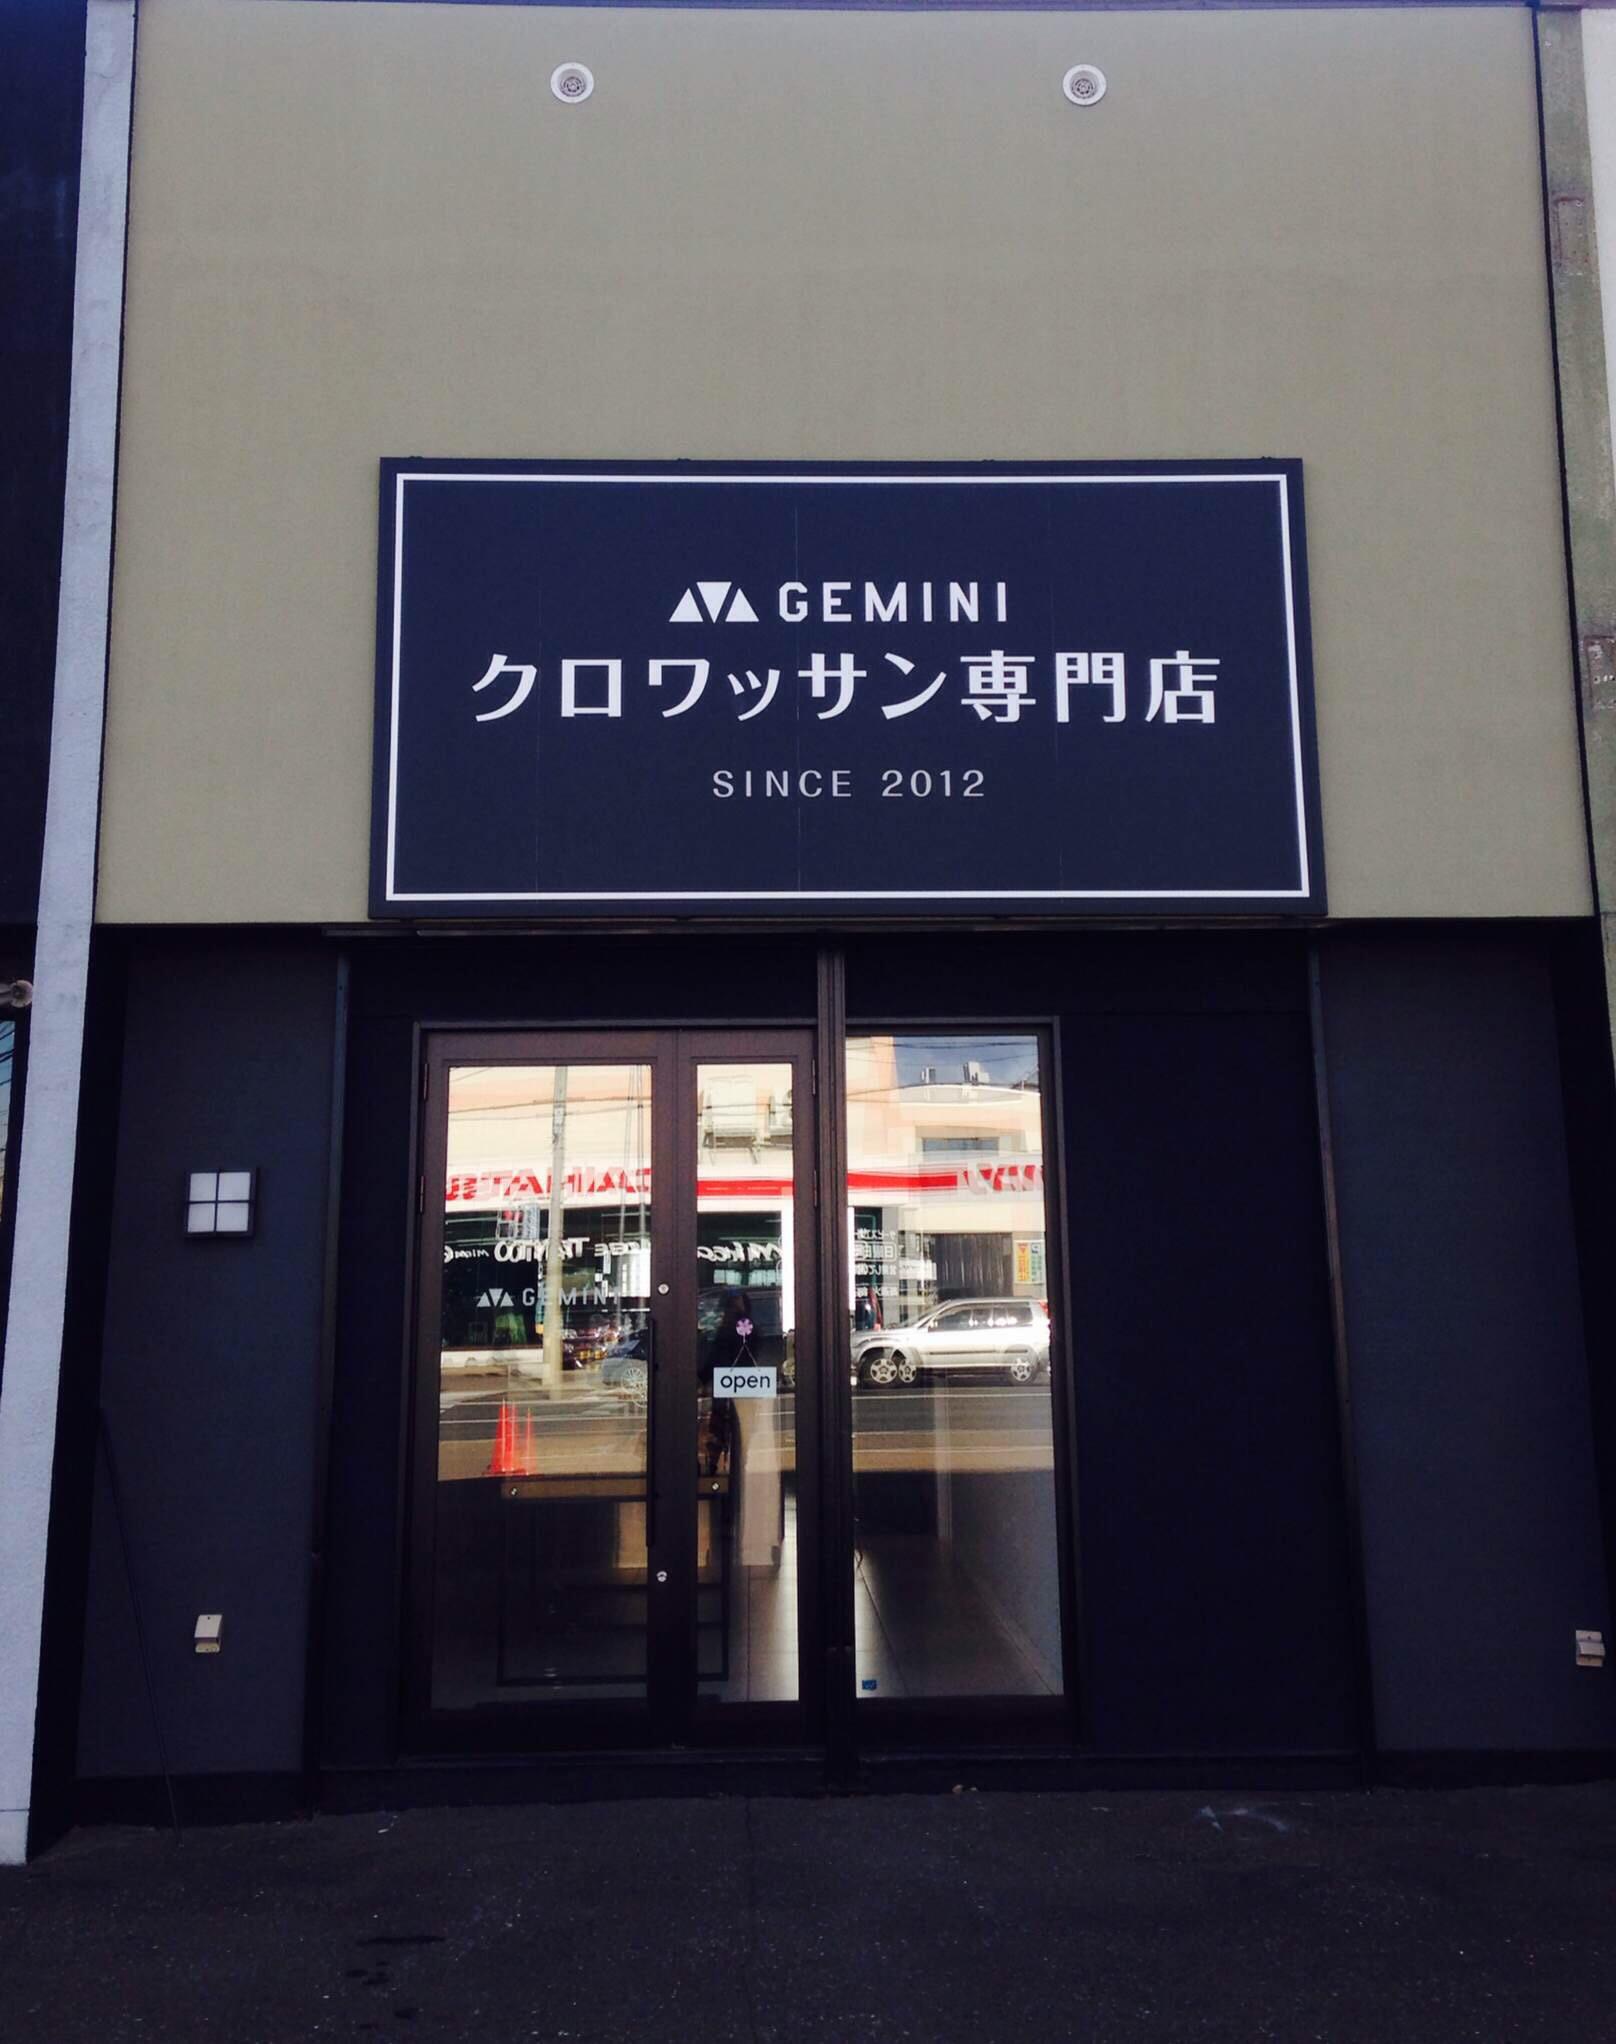 クロワッサン専門店 GEMINI